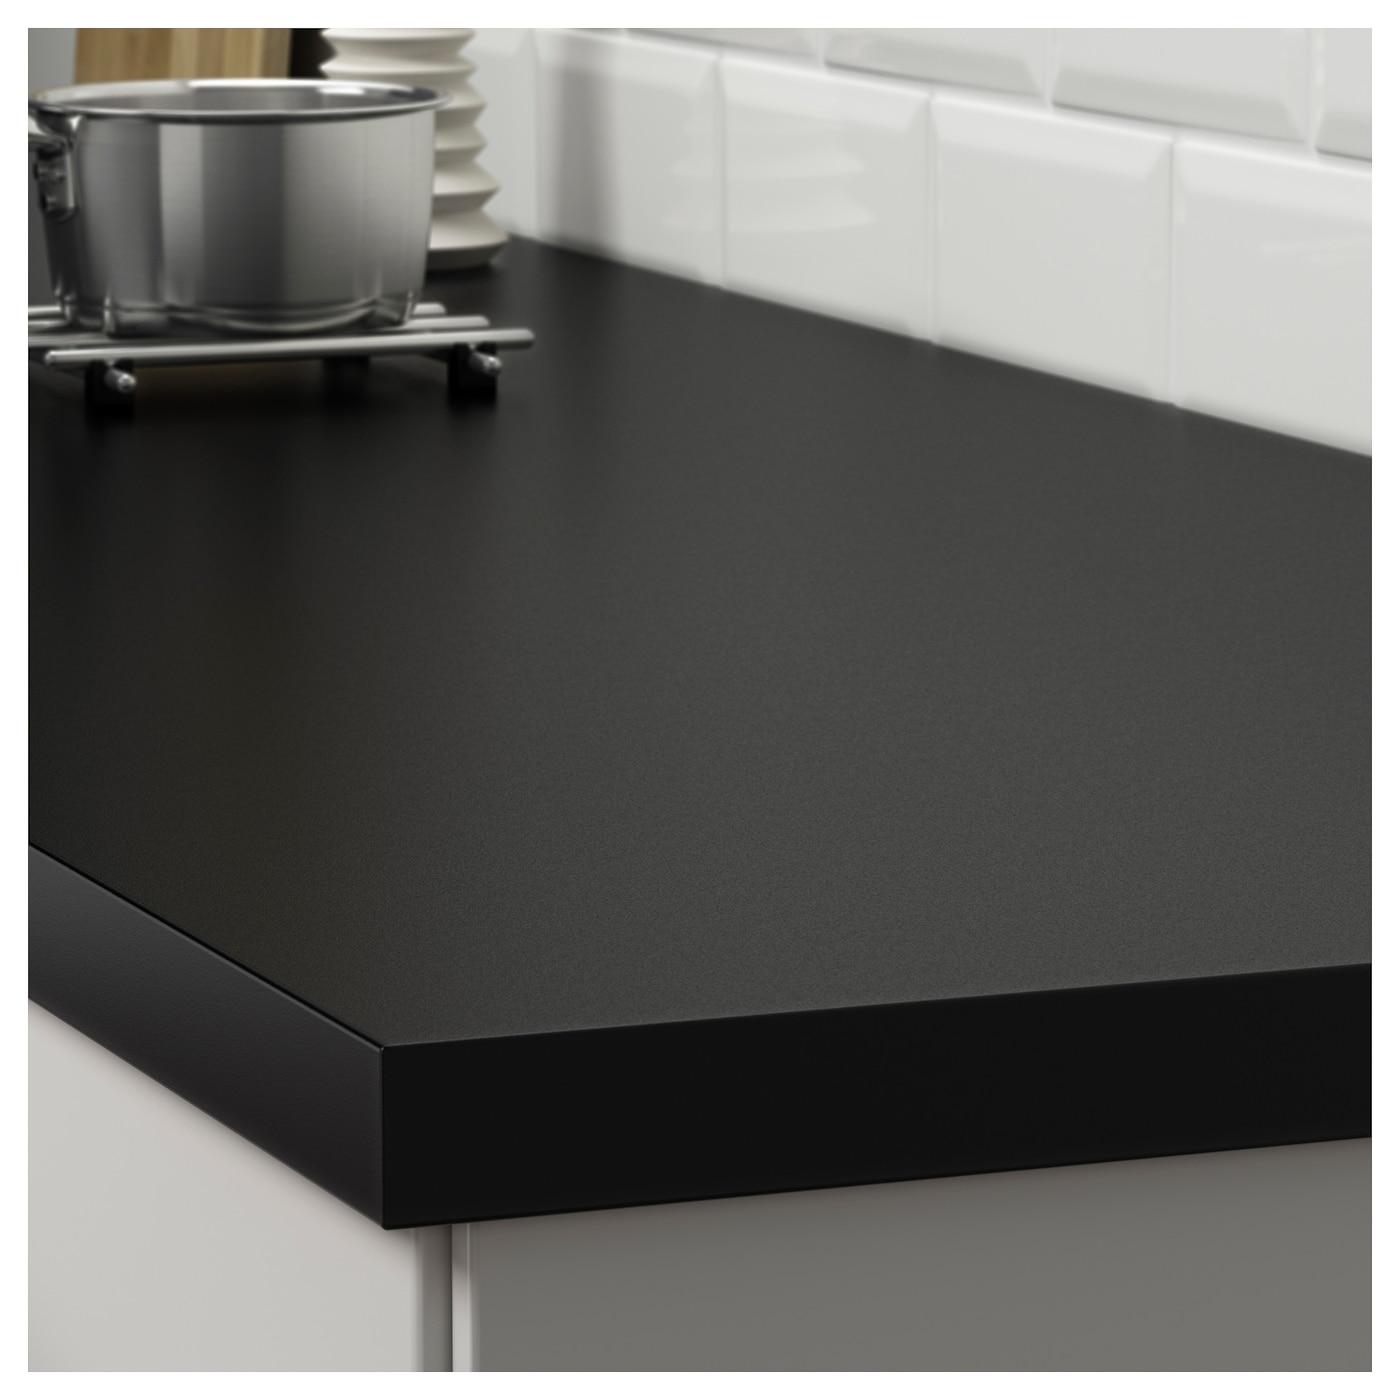 S ljan plan de travail sur mesure noir stratifi 63 6 125x3 8 cm ikea for Ikea planner fr